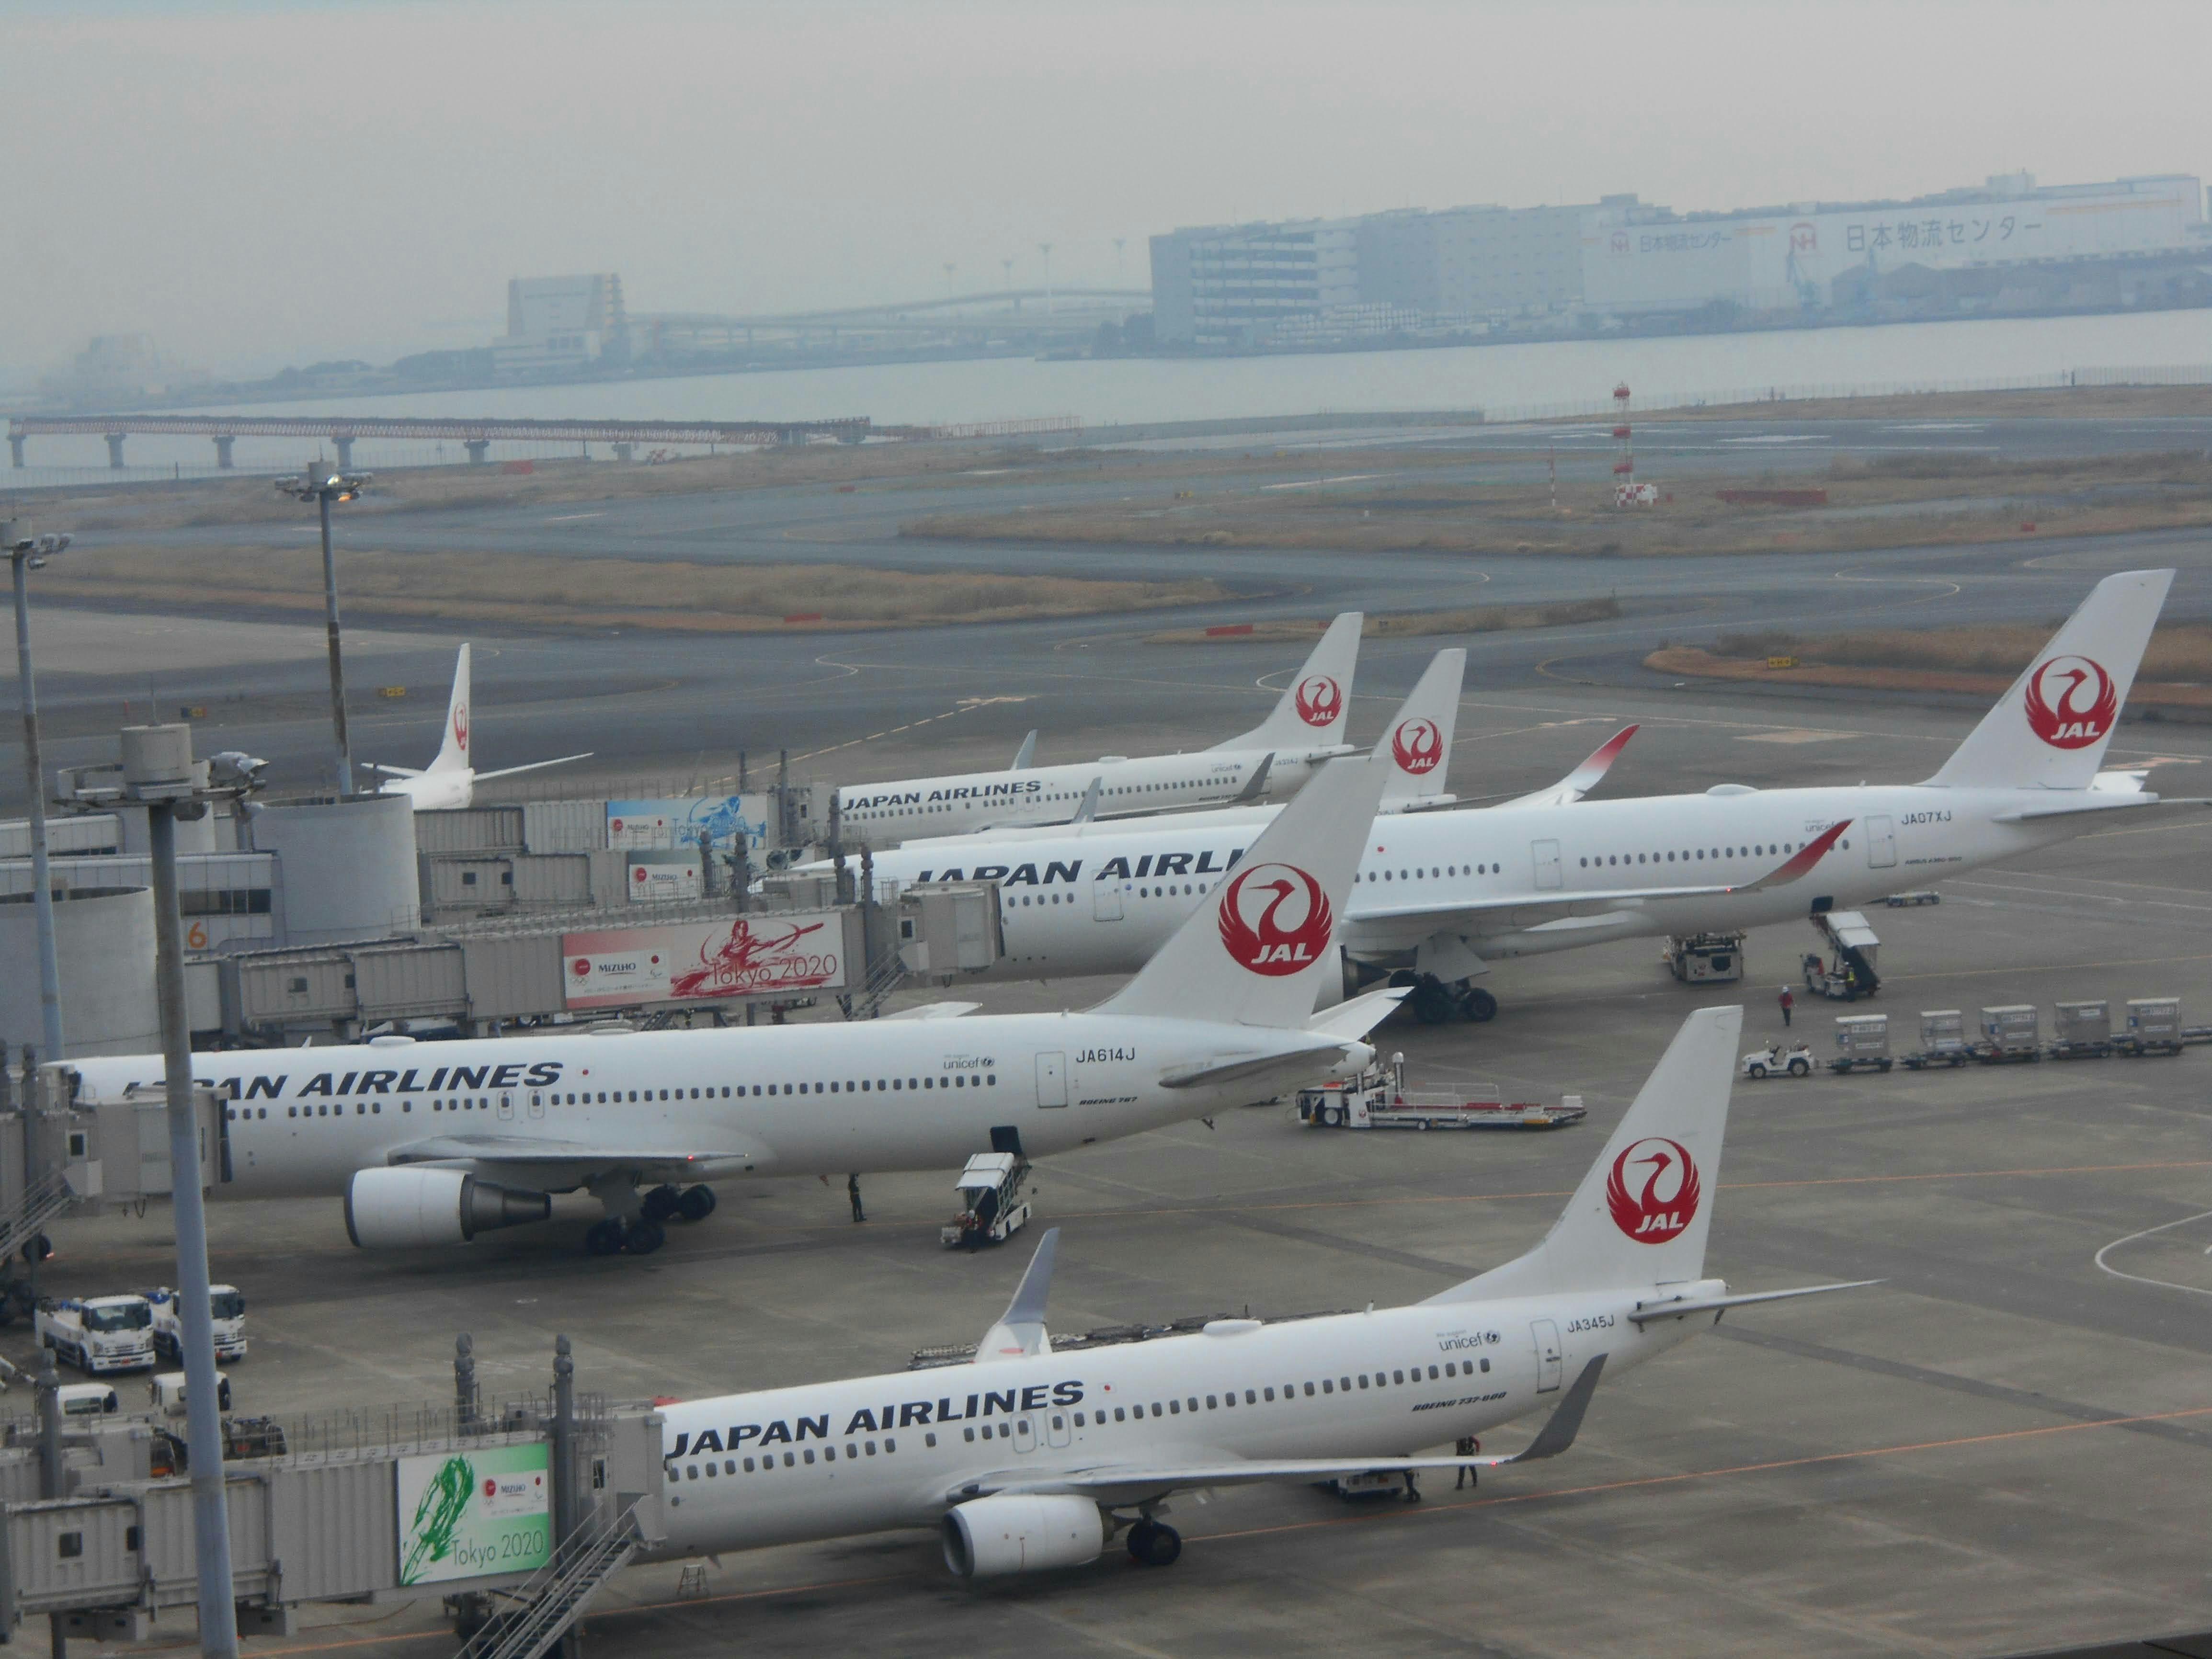 f:id:A350-900:20210110214643j:image